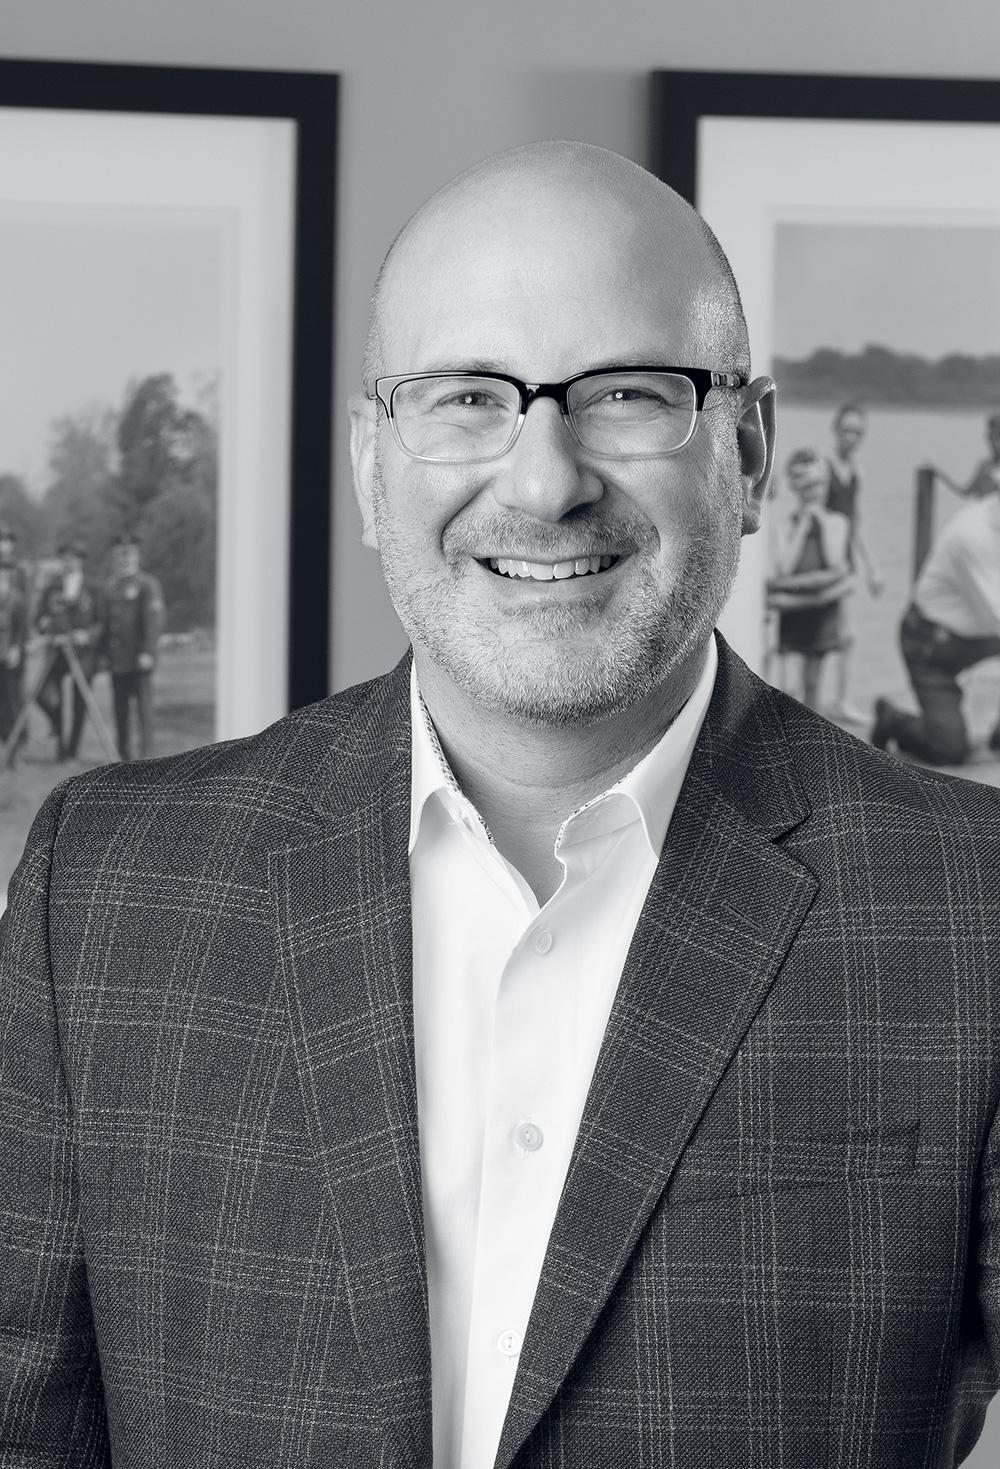 Dr. Israel Puterman - Industry Leader in Implant Dentistry